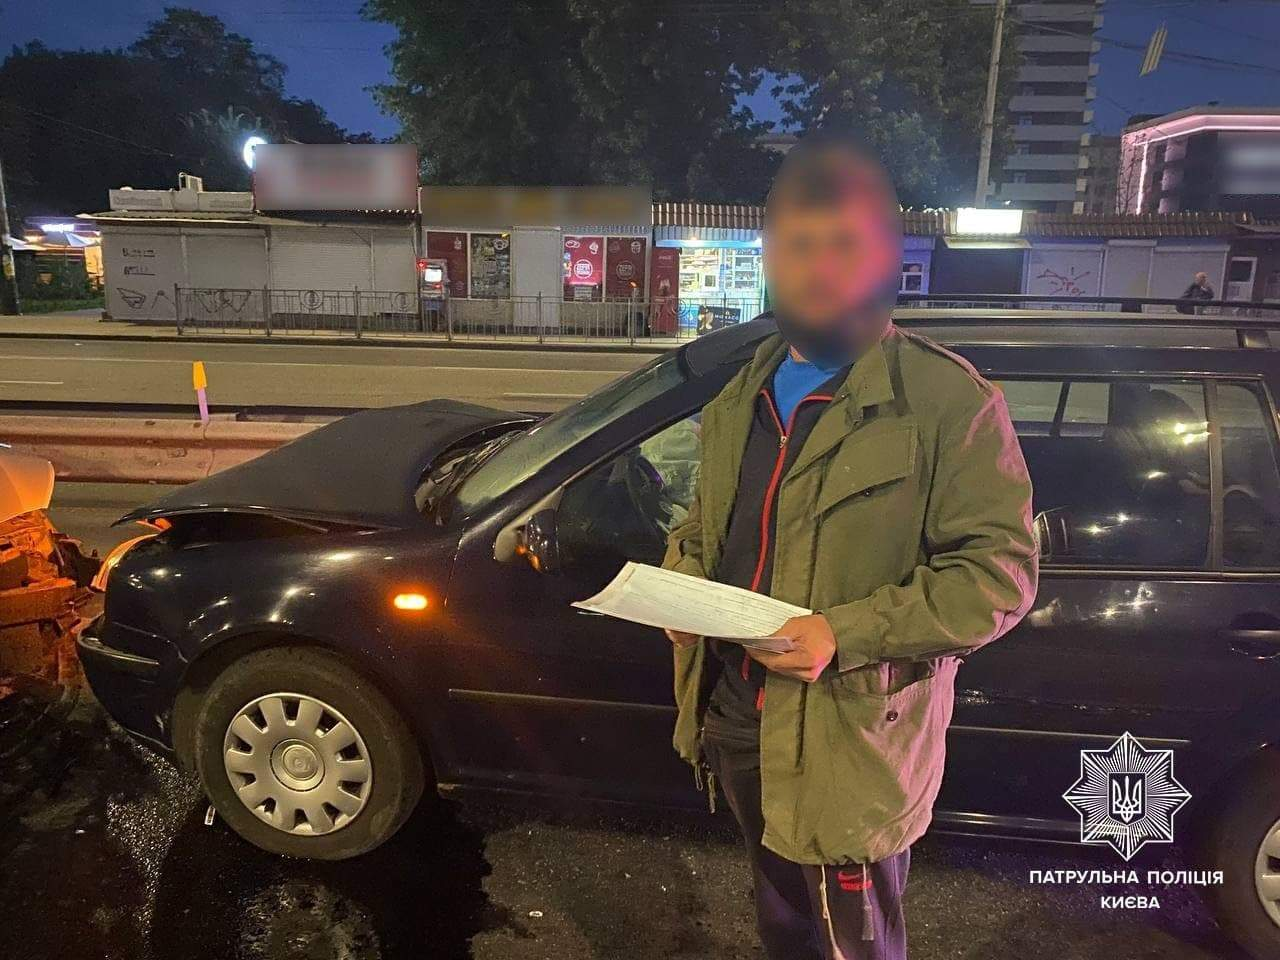 ДТП 5 вересня 2021 Водій п'яний вилетів заснув Київ